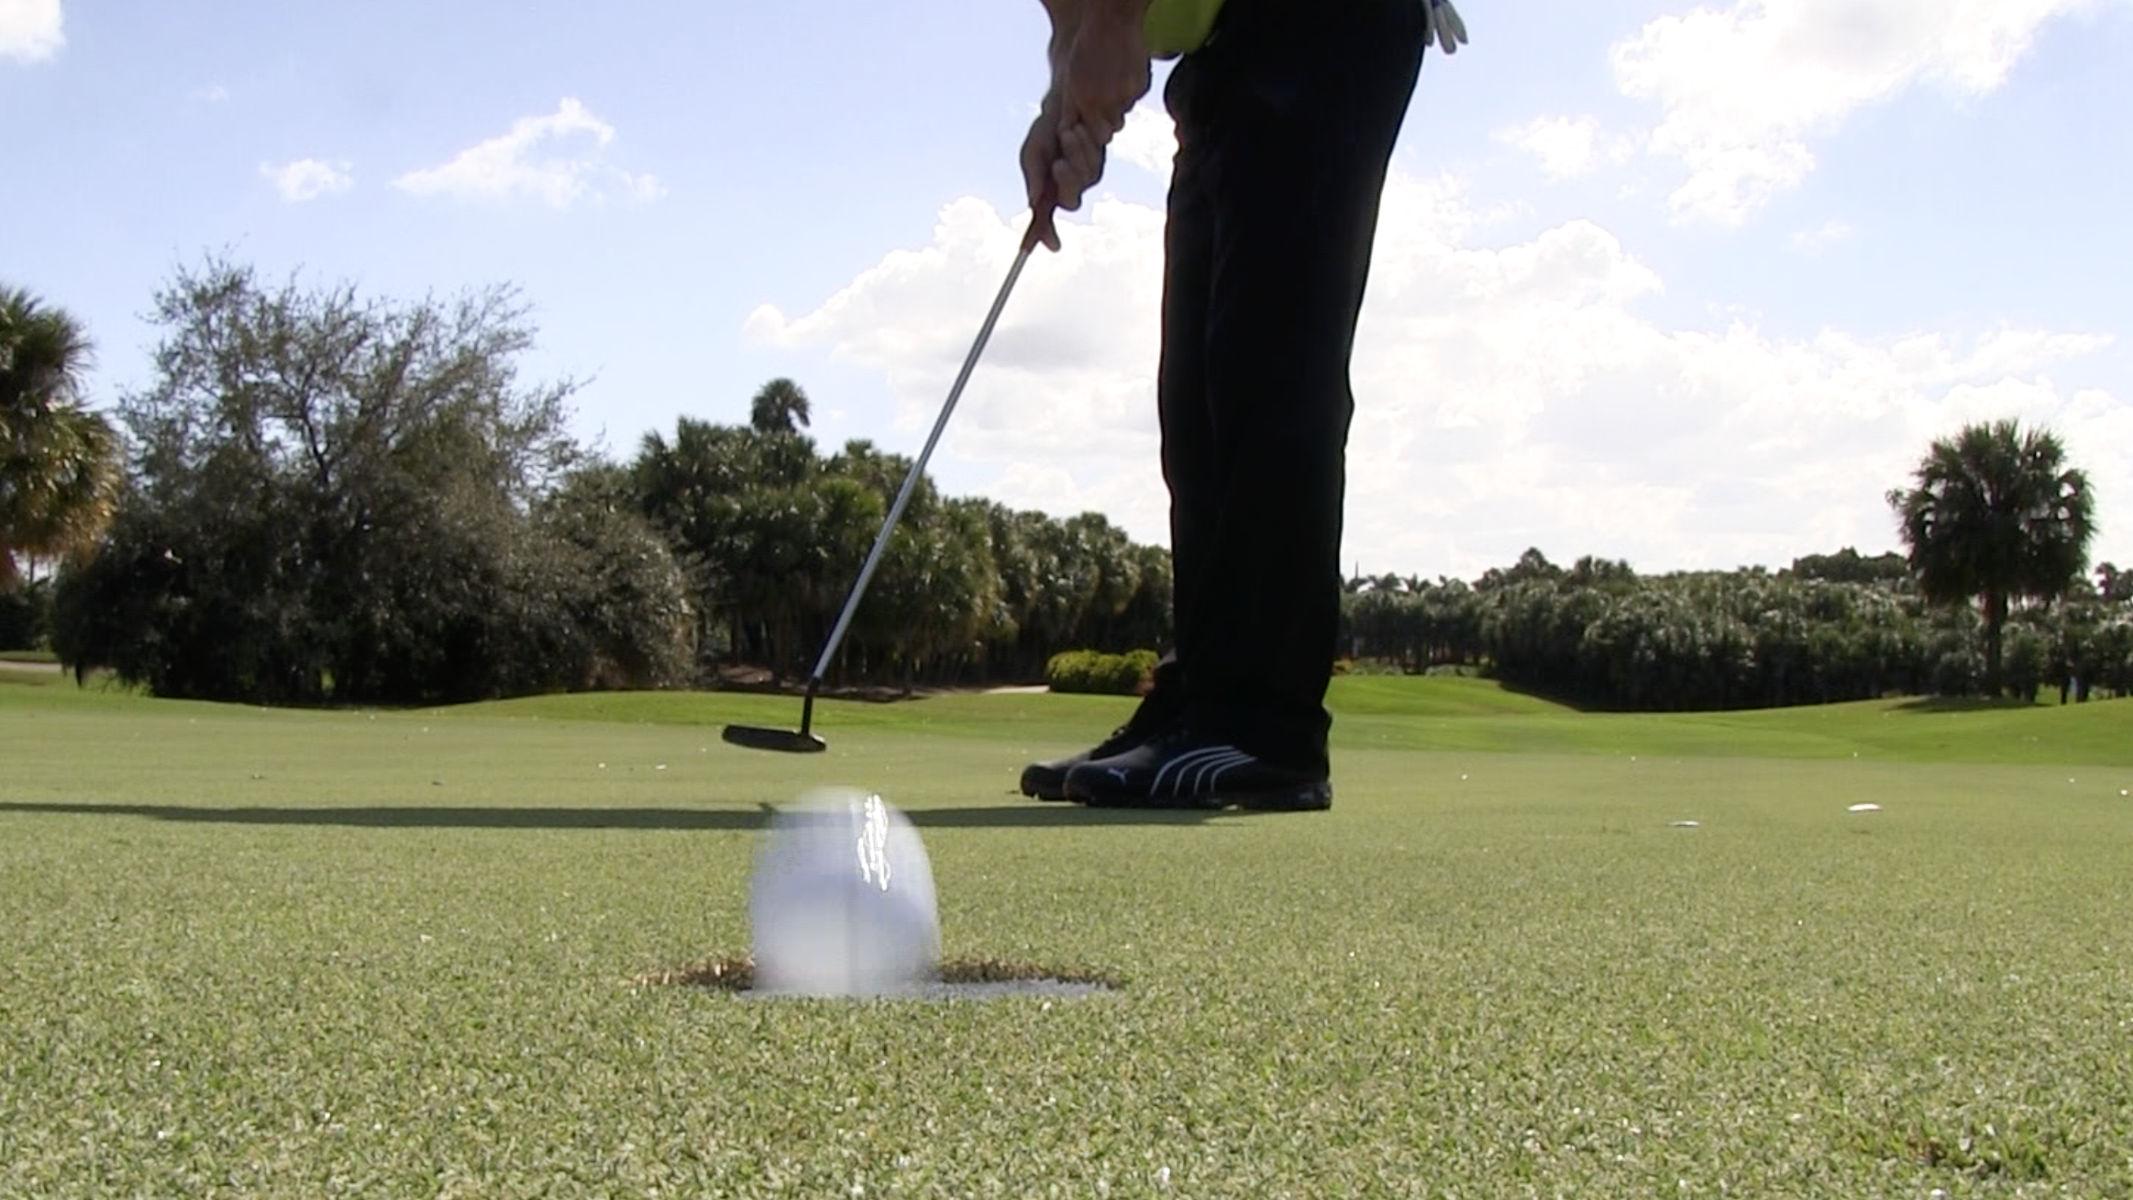 Jugend Golf – Golftraining Putten